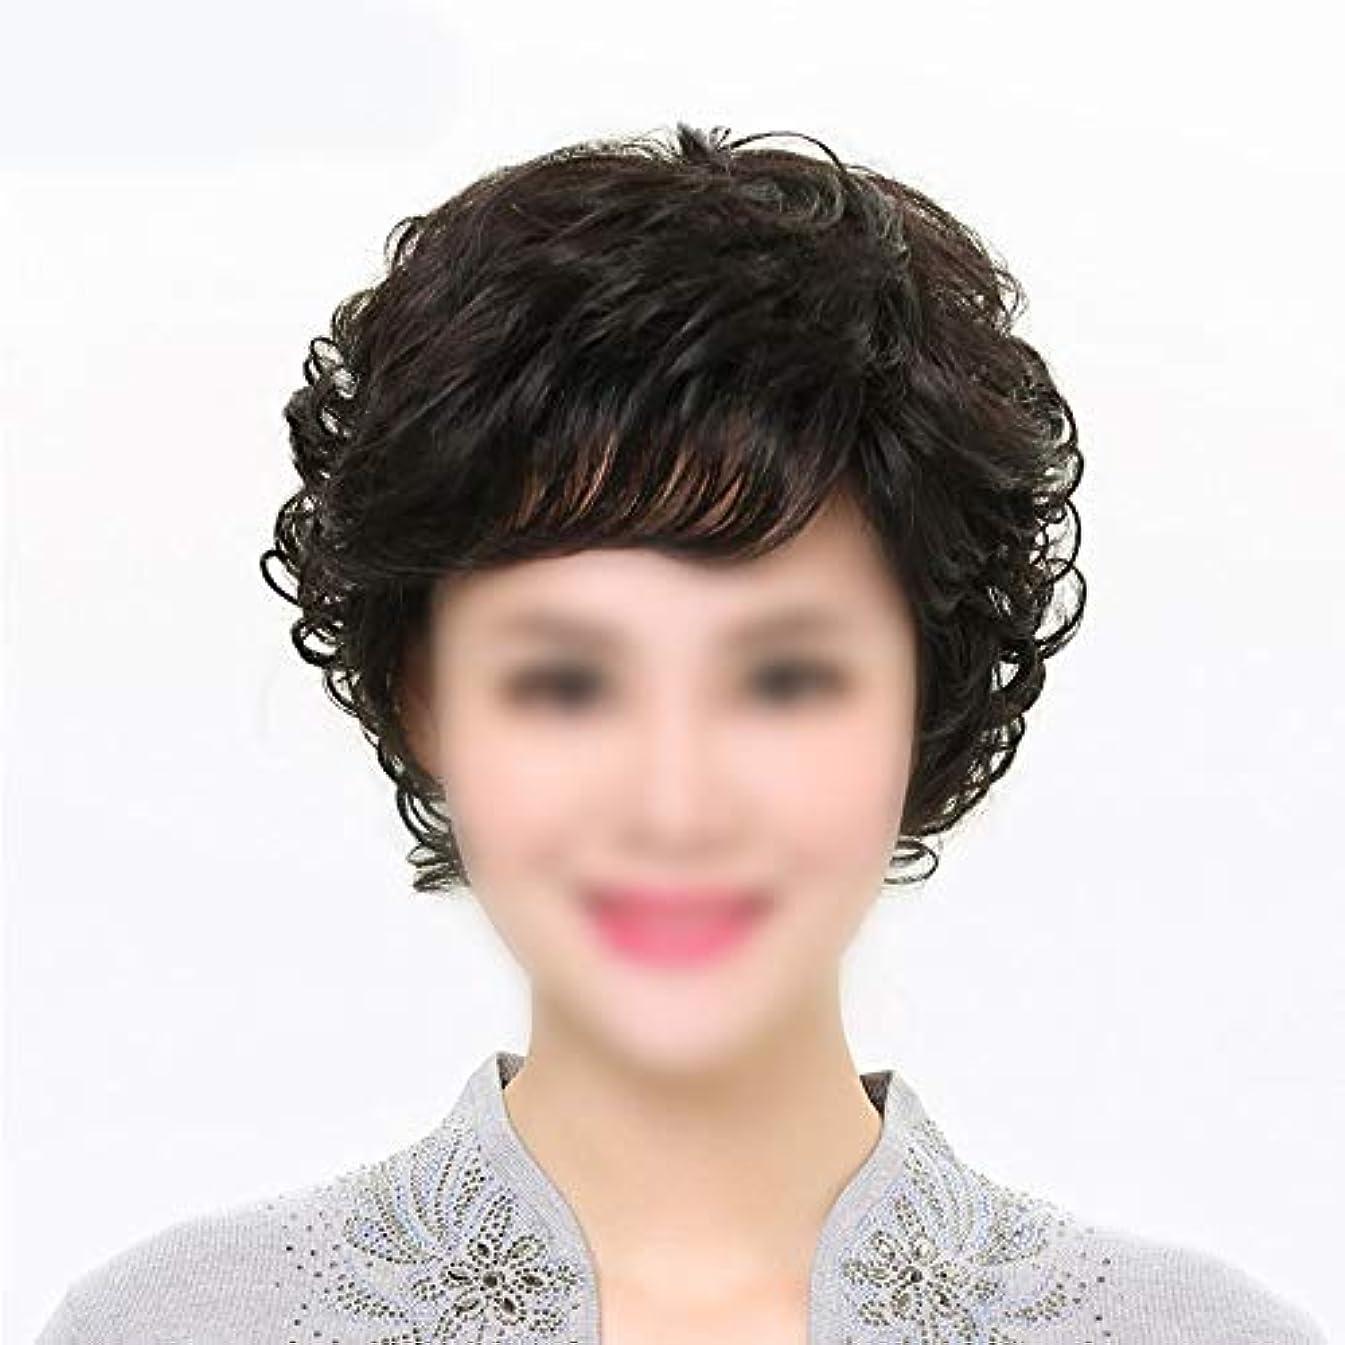 州該当するクラブYOUQIU 母ヘアウィッグ中年ウィッグウィッグのために前髪を持つ女性の本当の髪のショートカーリーヘア (色 : 黒, Edition : Mechanism)